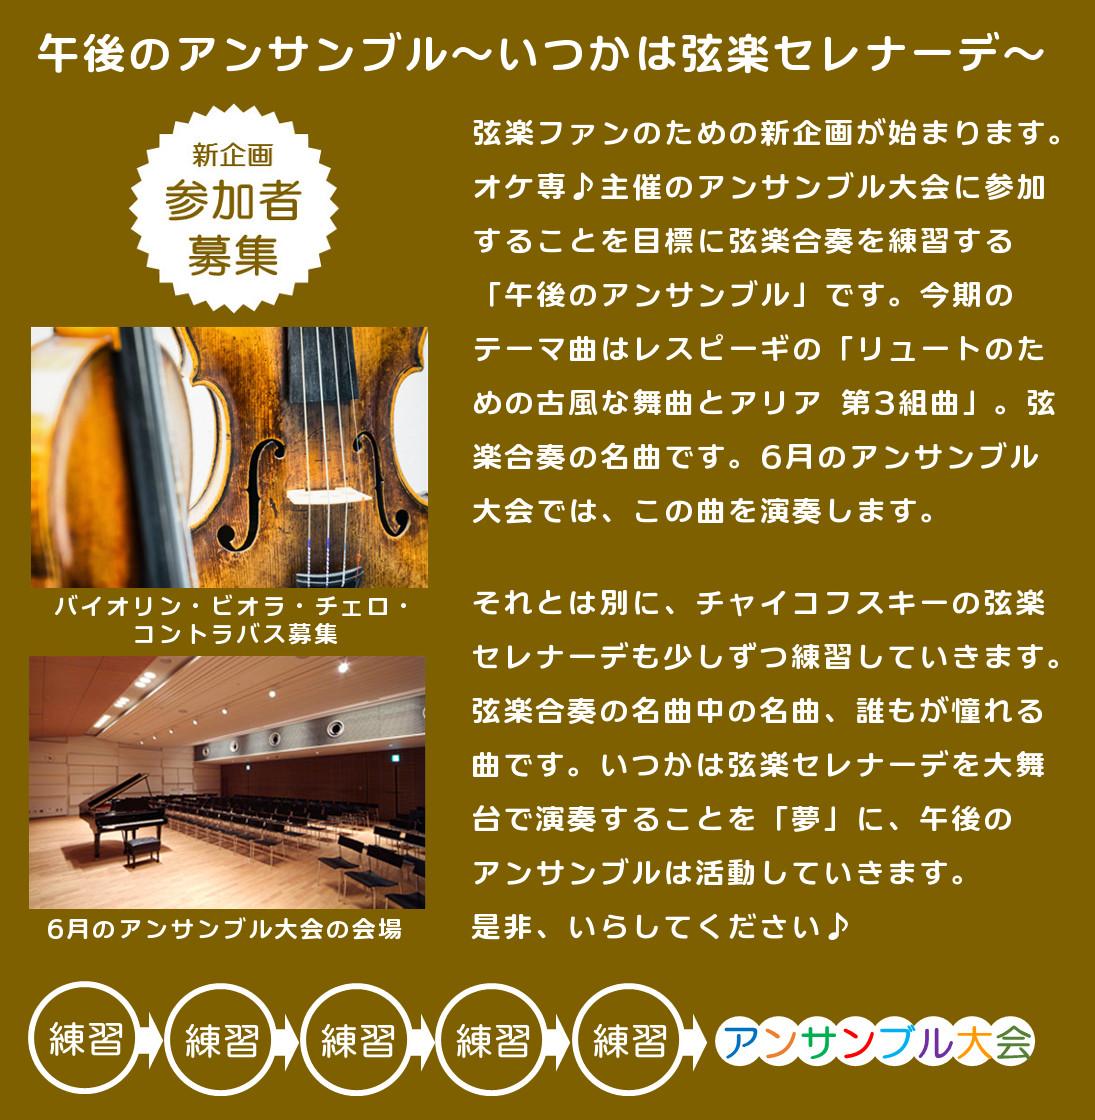 午後のアンサンブル ~いつかは弦楽セレナーデ~ 弦楽合奏の名曲を演奏しよう!&アンサンブル大会に参加♪